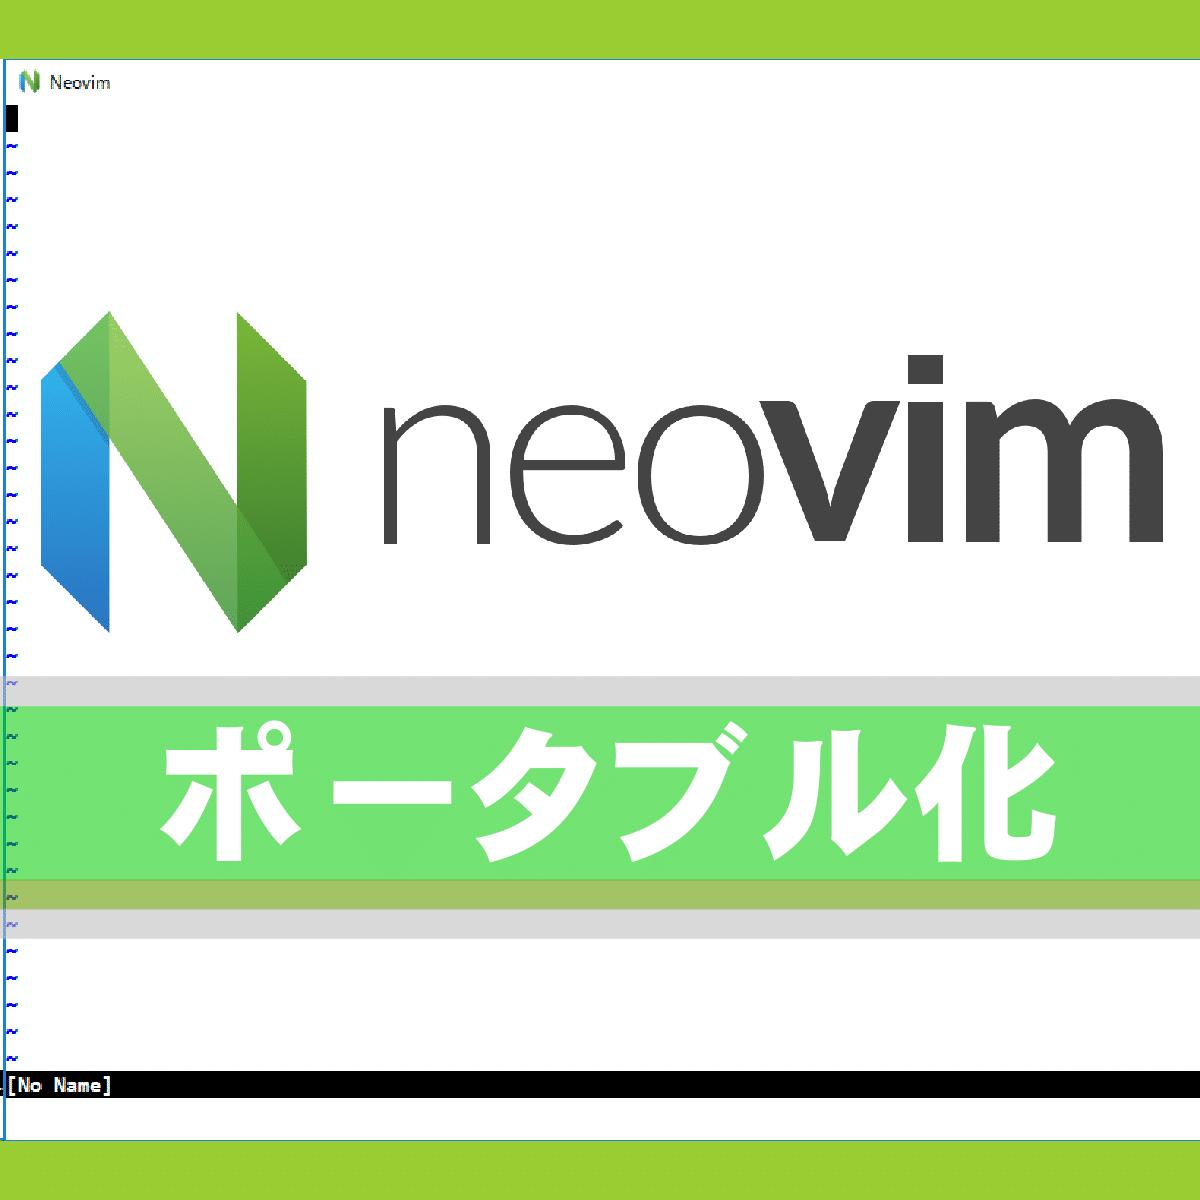 アイキャッチ:neovimをUSBメモリに入れて持ち歩くには?